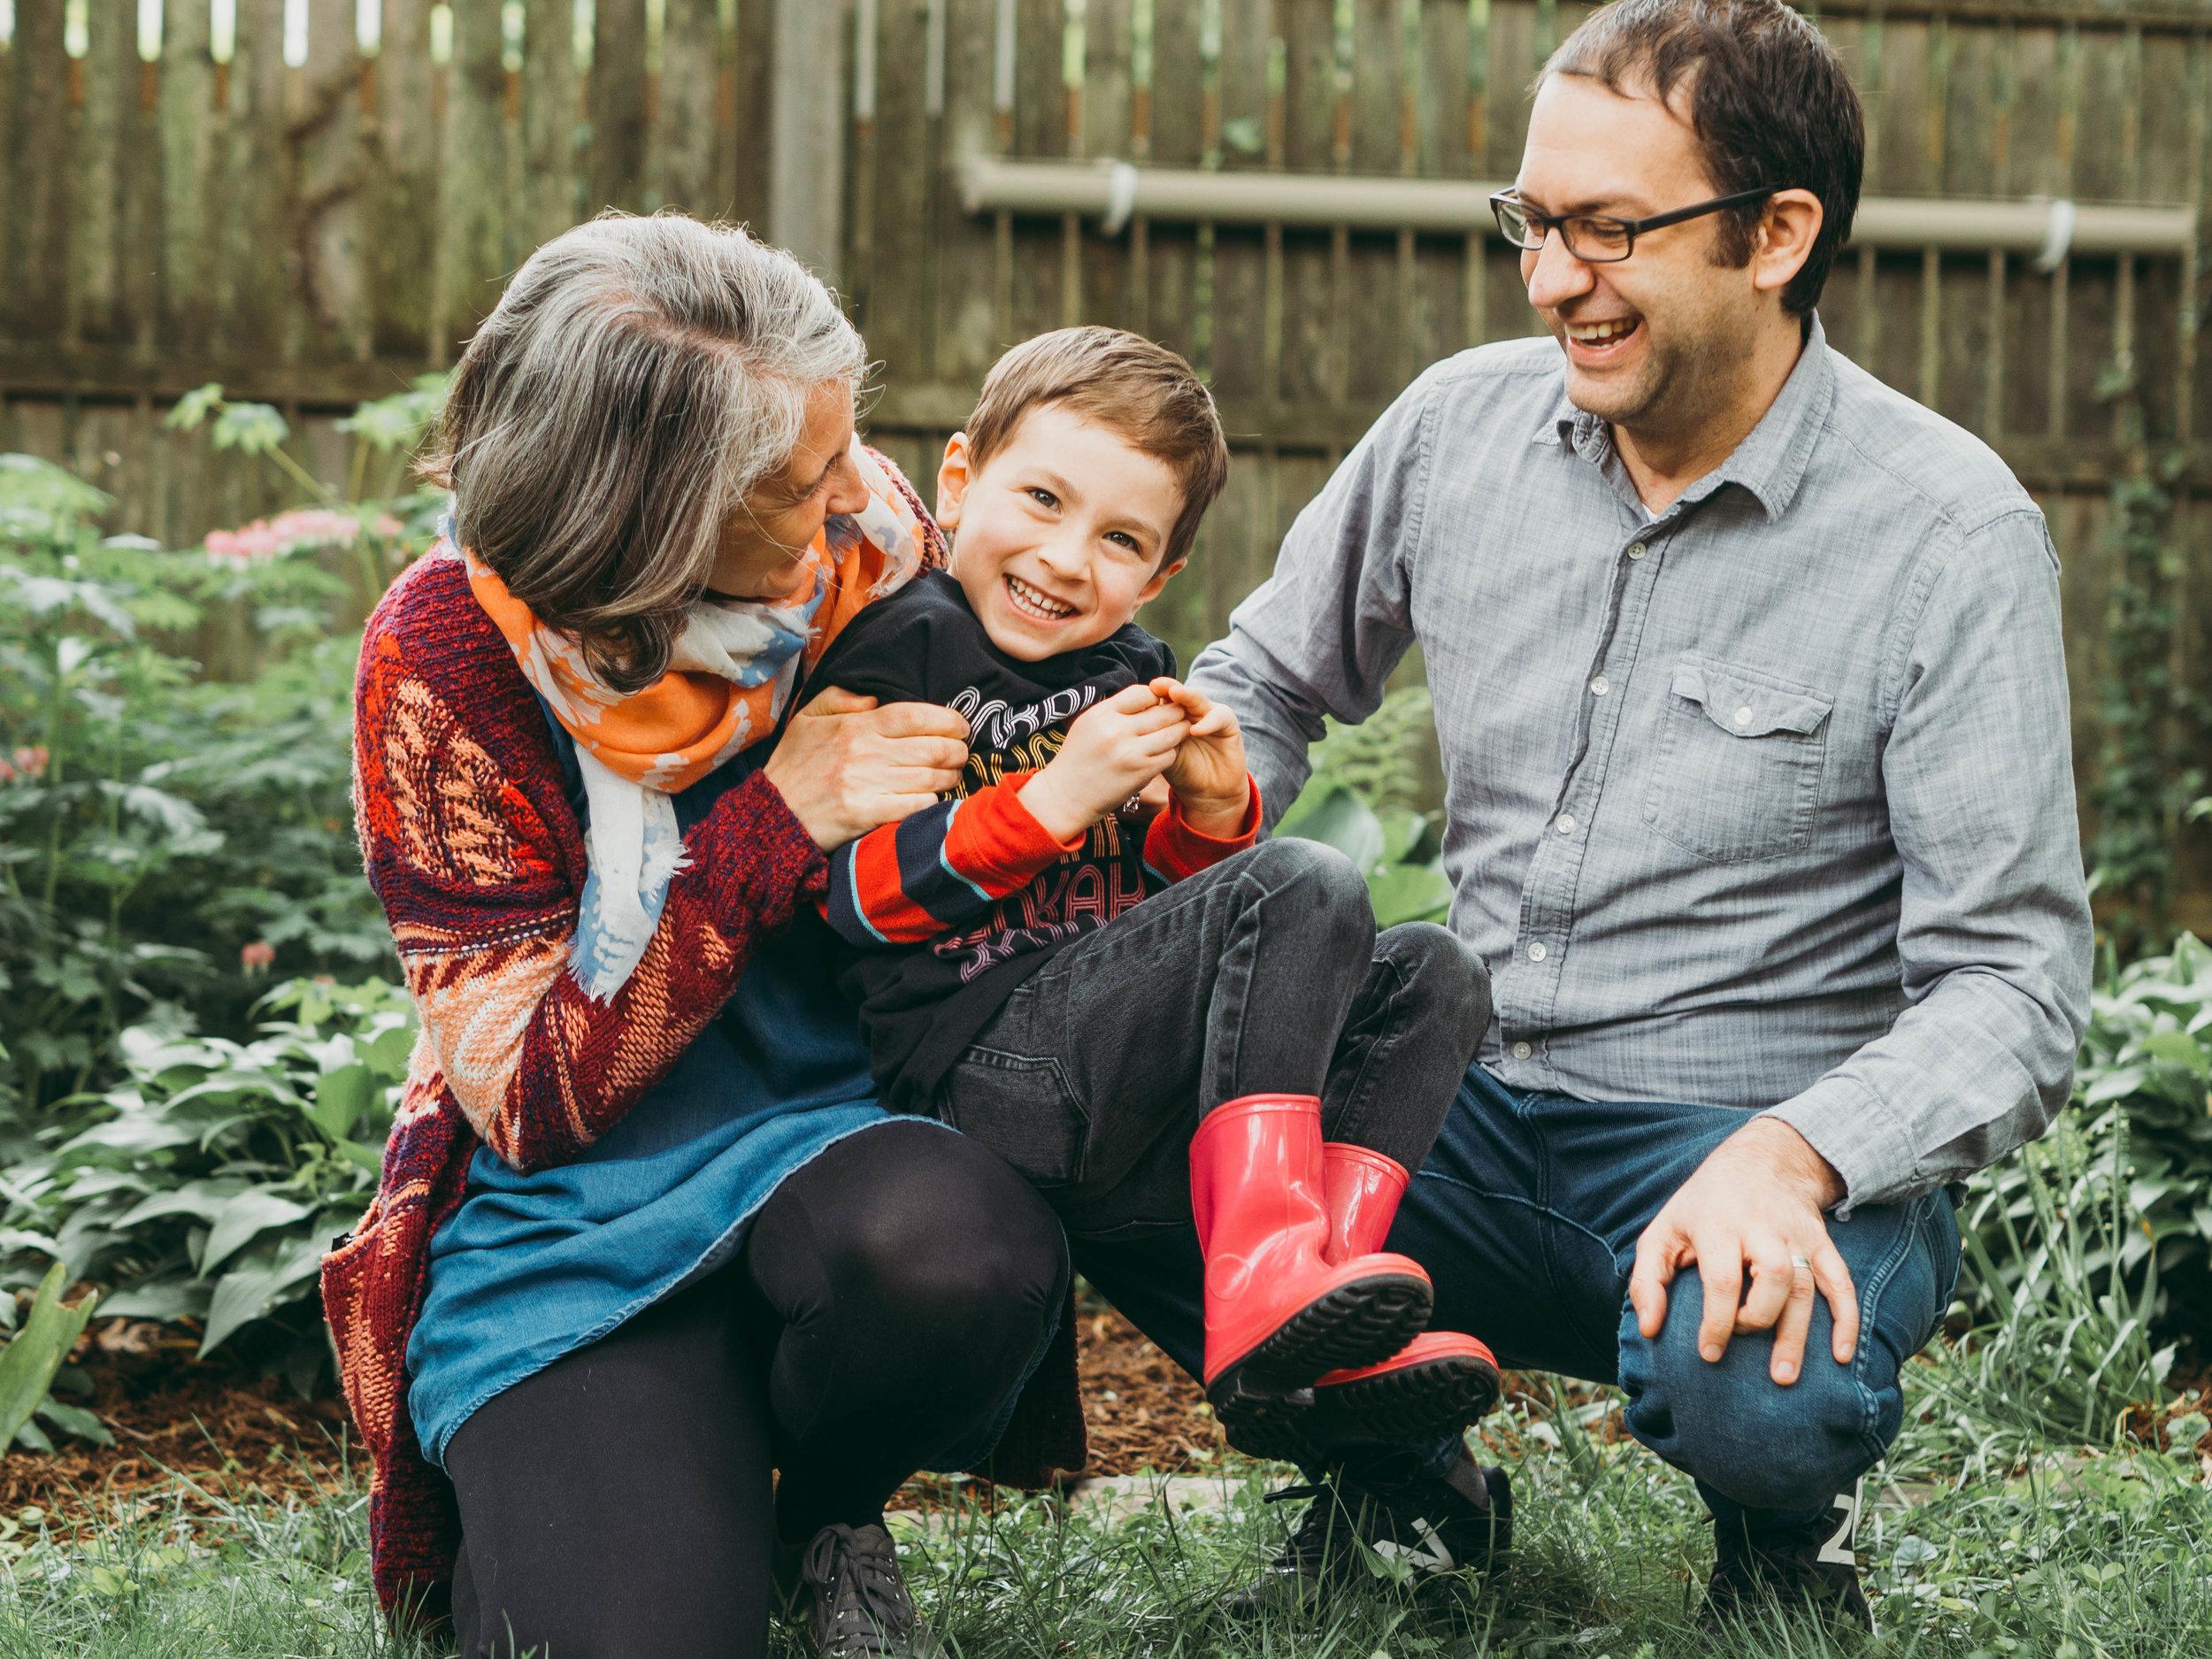 Backyard Family Photoshoot